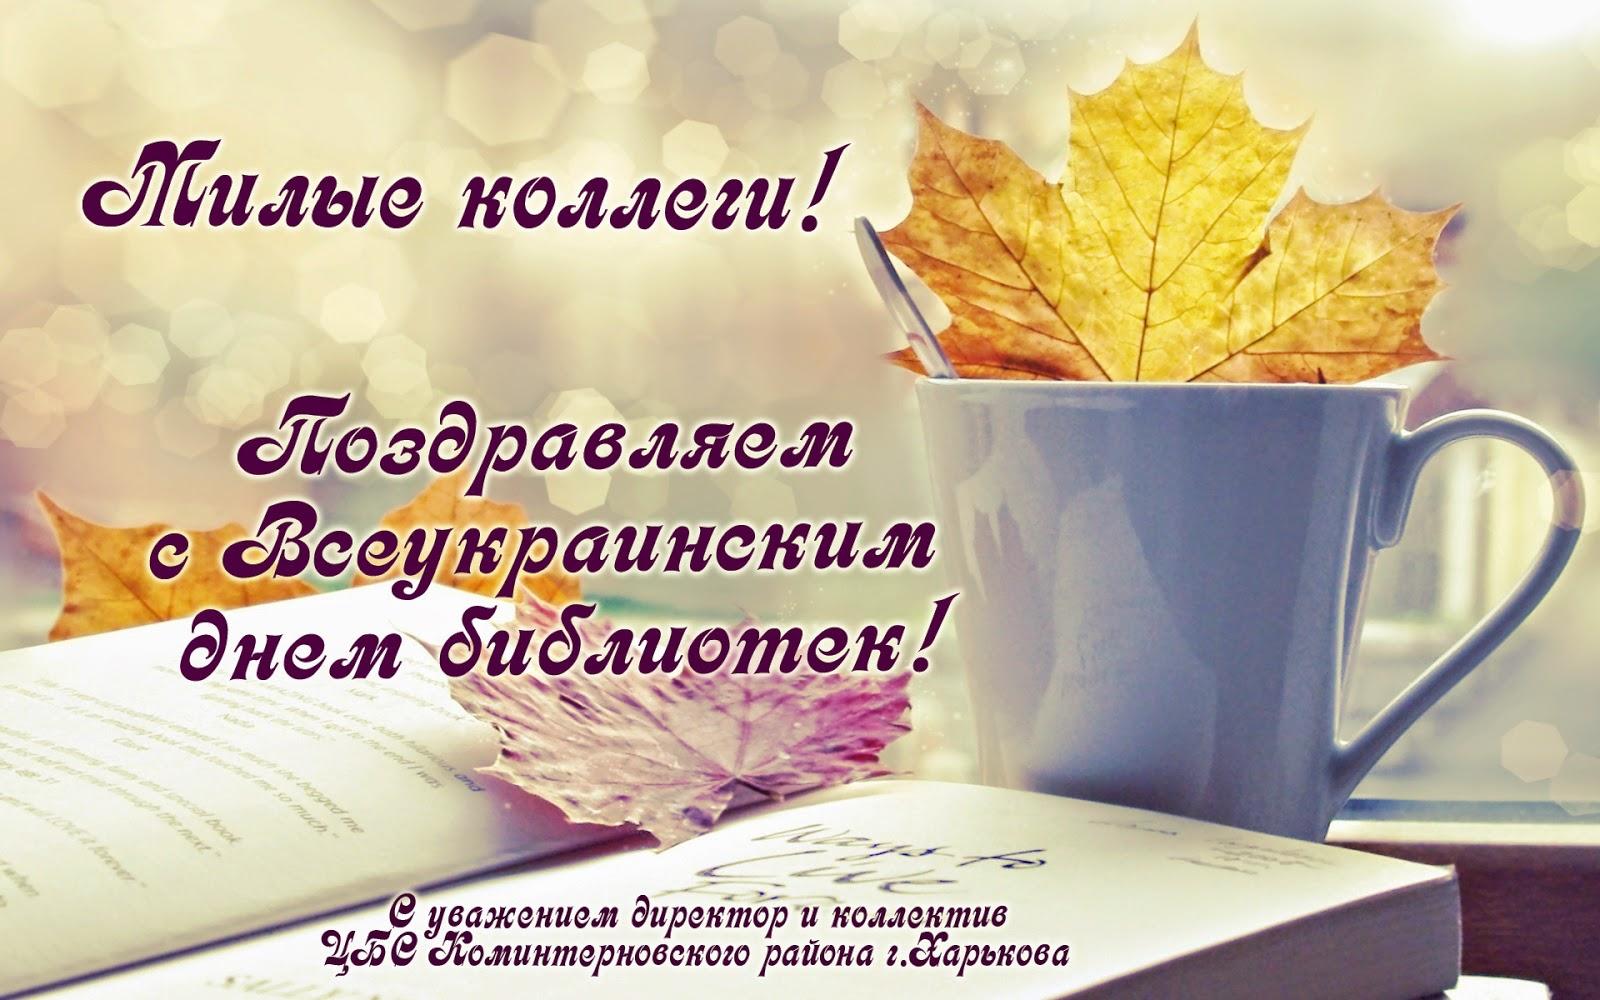 Картинки отец, всеукраинский день библиотек картинки